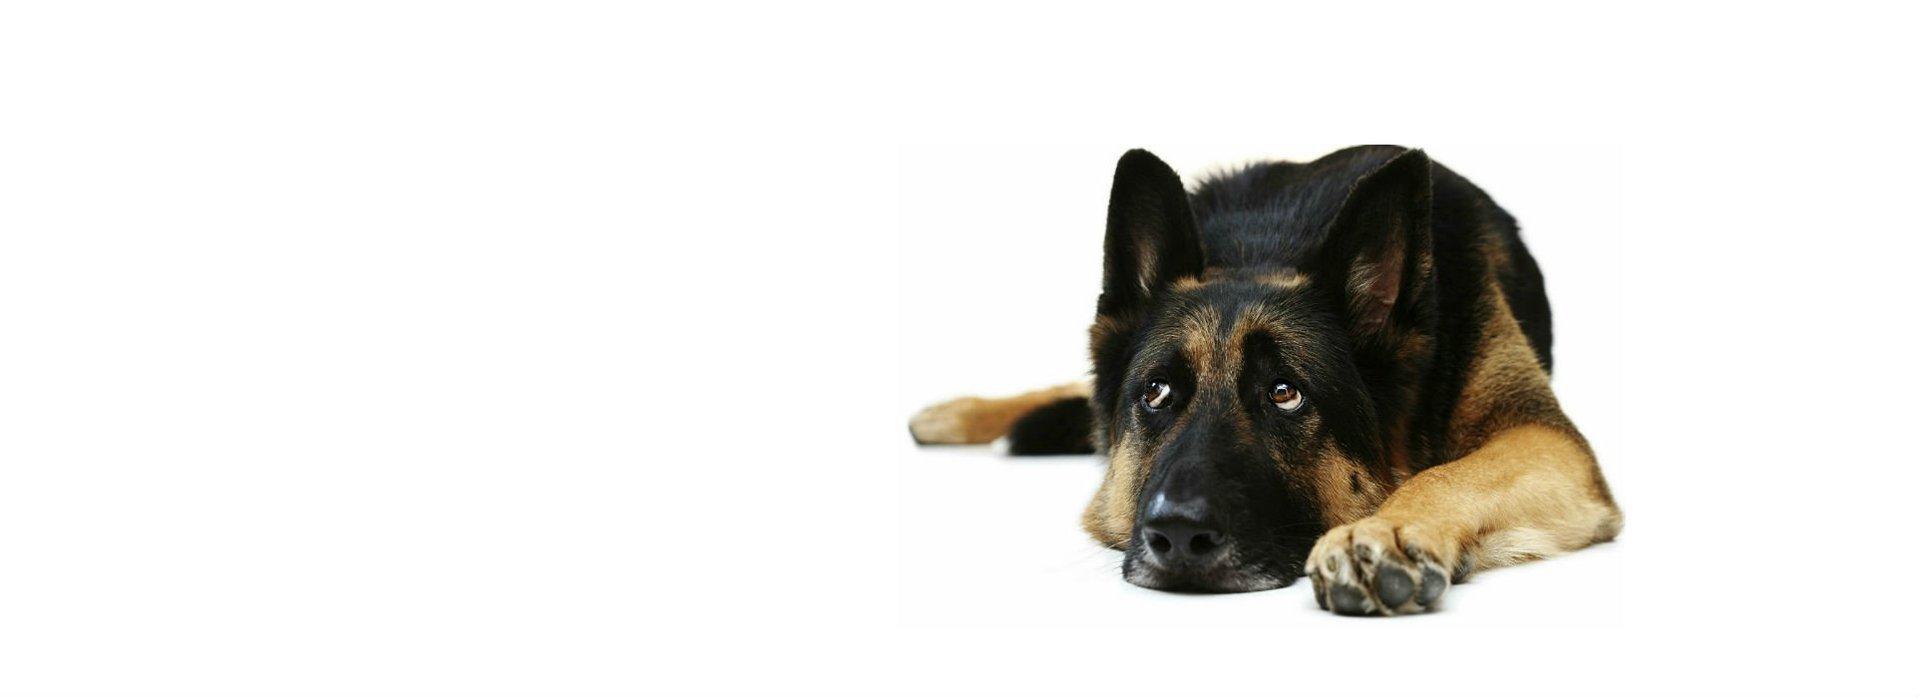 Dog Walking Services Denver Colorado